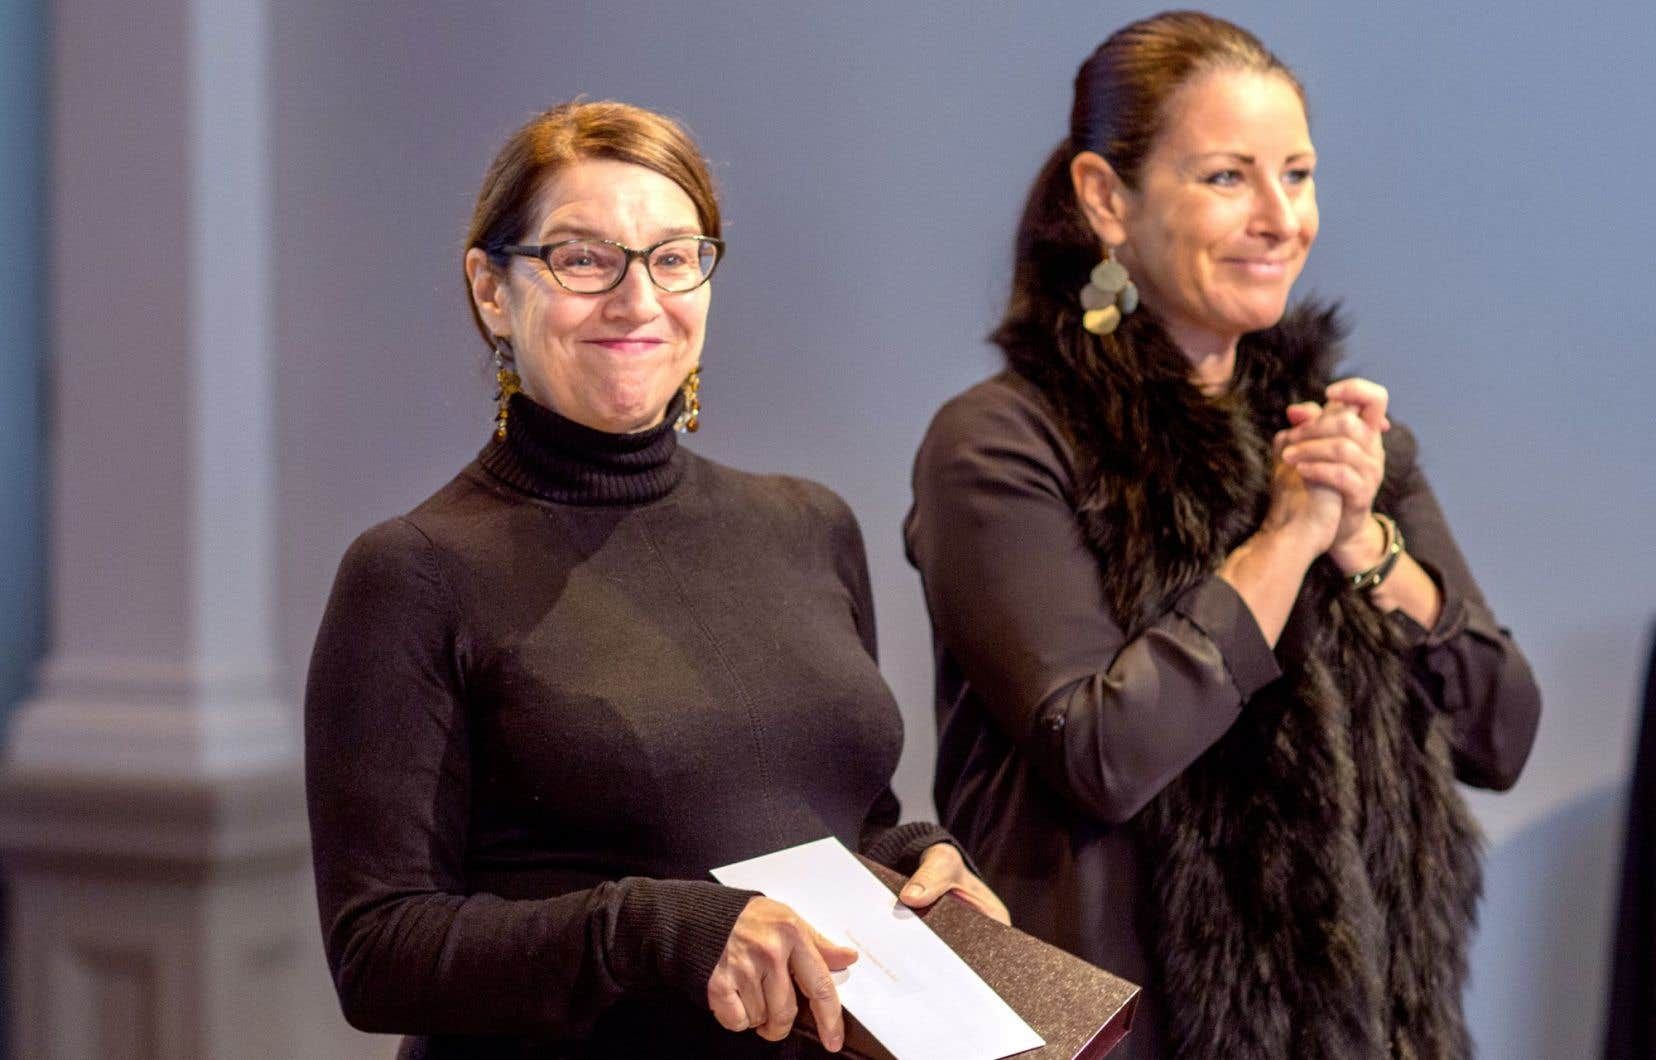 Dominique Robert a reçu le Grand Prix du livre de la Ville de Montréal des mains de Manon Gauthier, membre du comité exécutif.